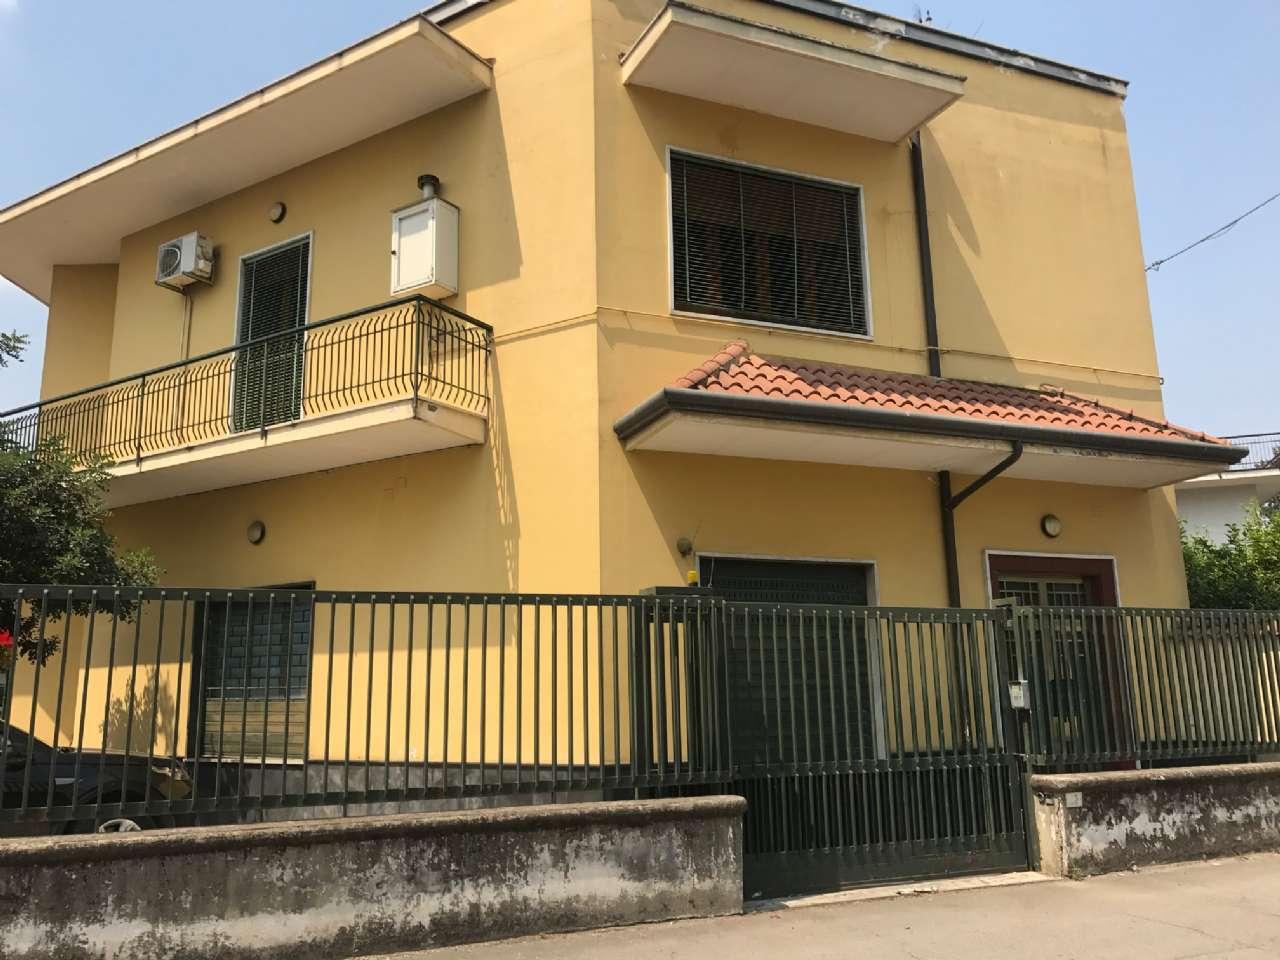 Ufficio / Studio in affitto a Nola, 7 locali, prezzo € 1.000 | CambioCasa.it